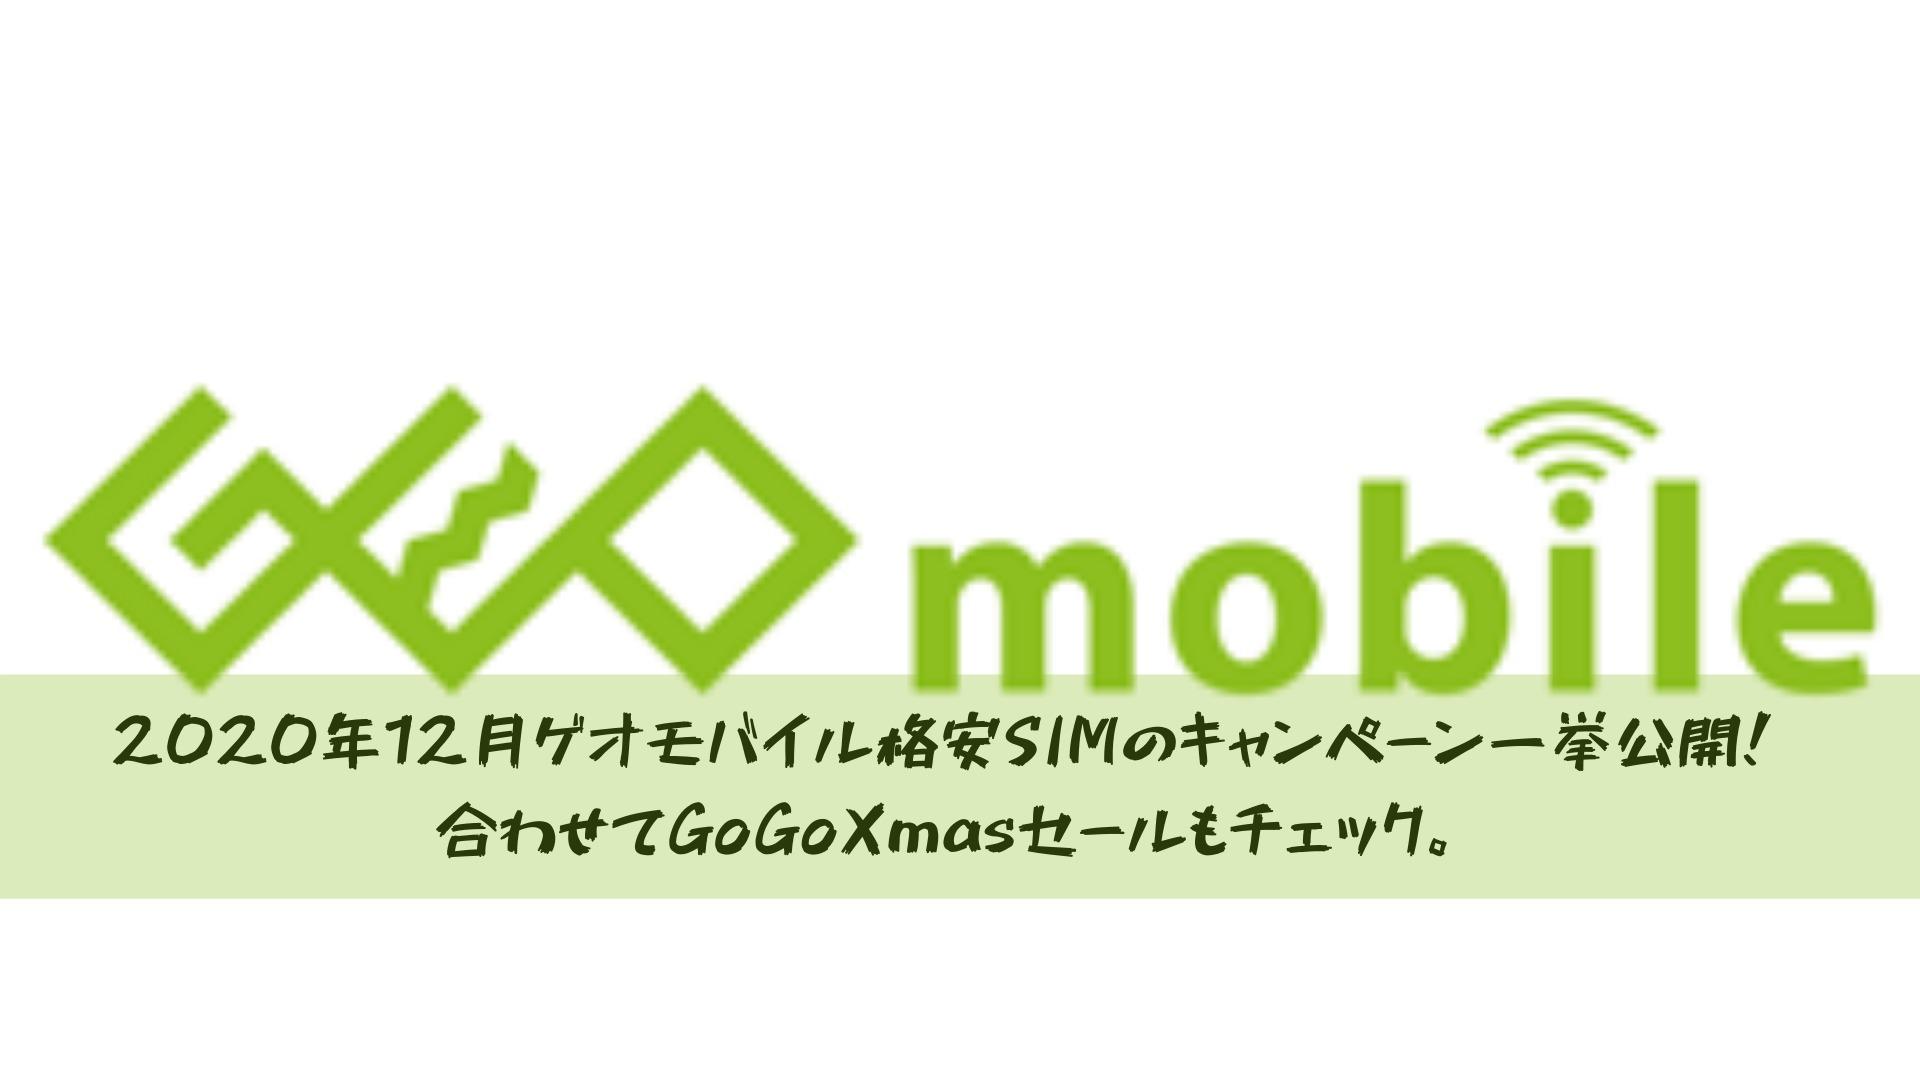 2020年12月ゲオモバイル格安SIMのキャンペーン一挙公開!合わせてGoGoXmasセールもチェック。